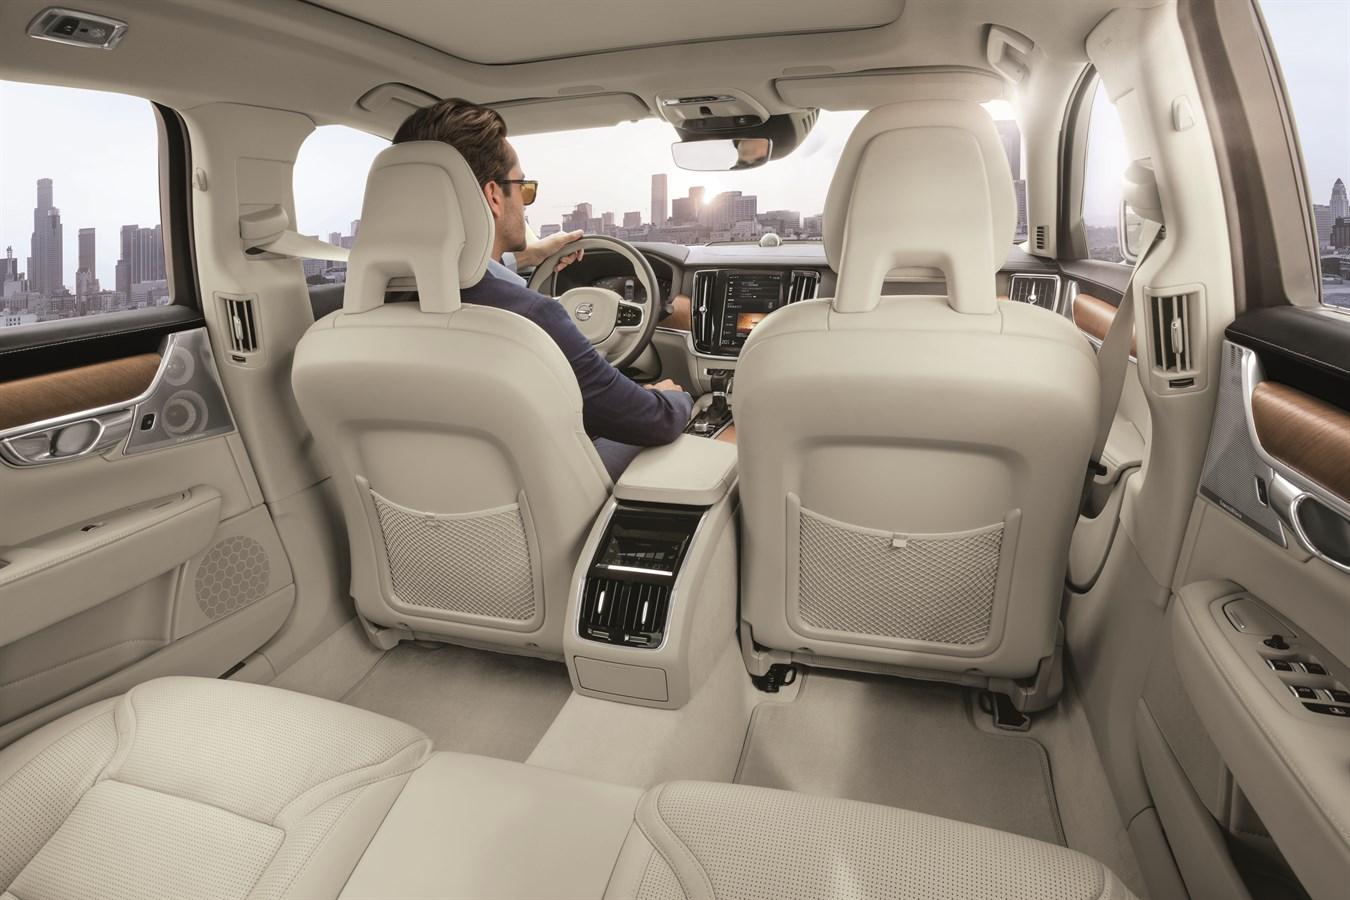 Volvo S90 Interior >> Volvo S90 China Version Interior Volvo Cars Global Media